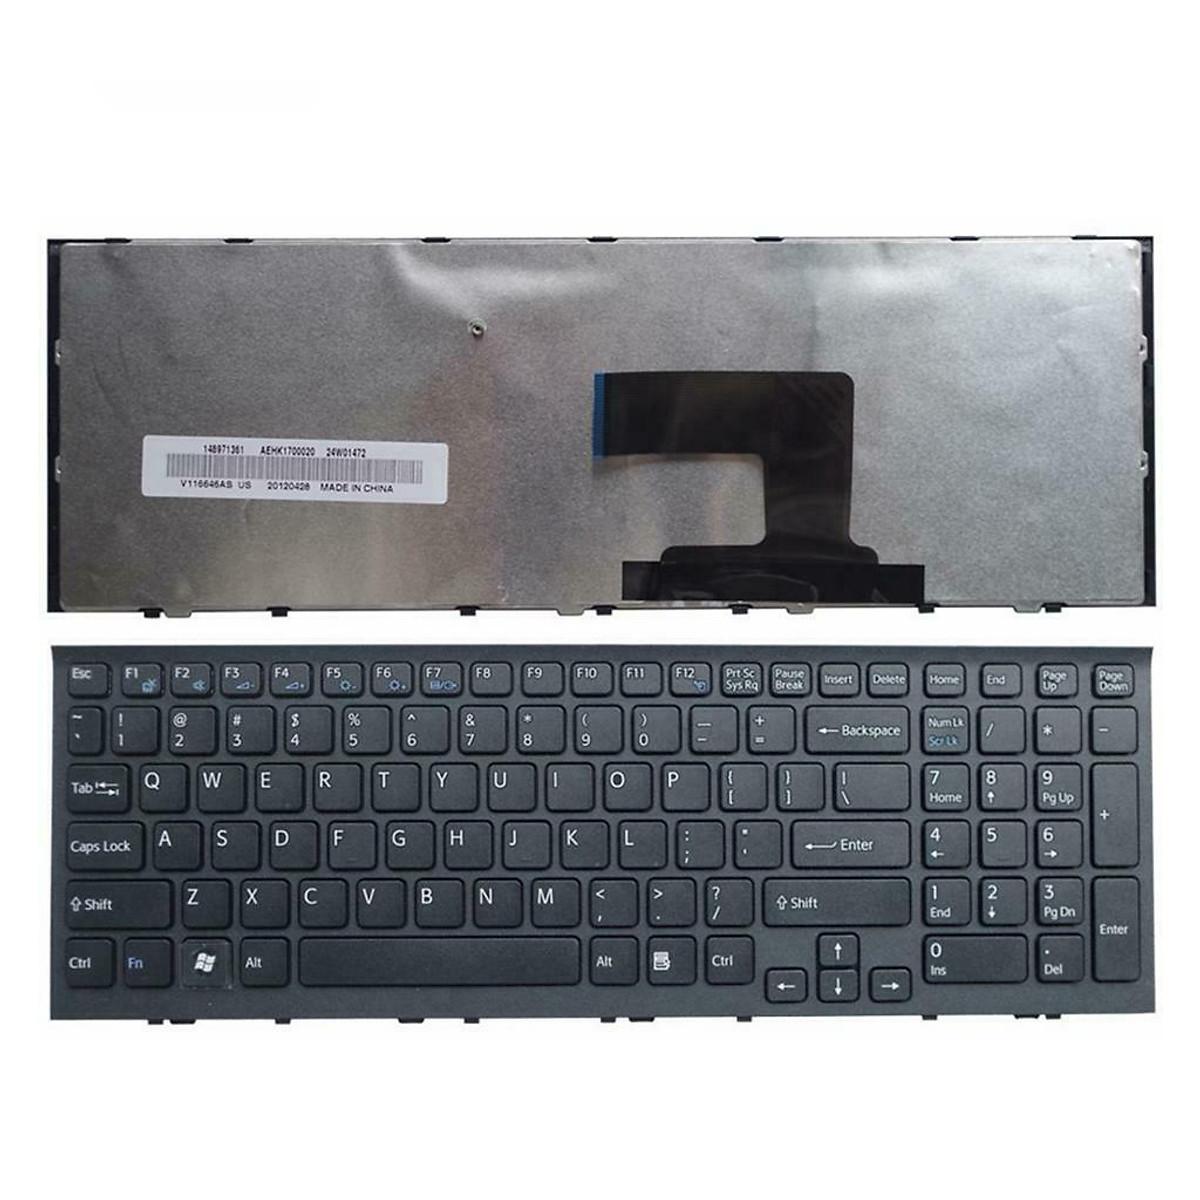 Bàn phím dành cho Laptop Sony VAIO VPC-EH14, VPC-EH25, VPC-EH35